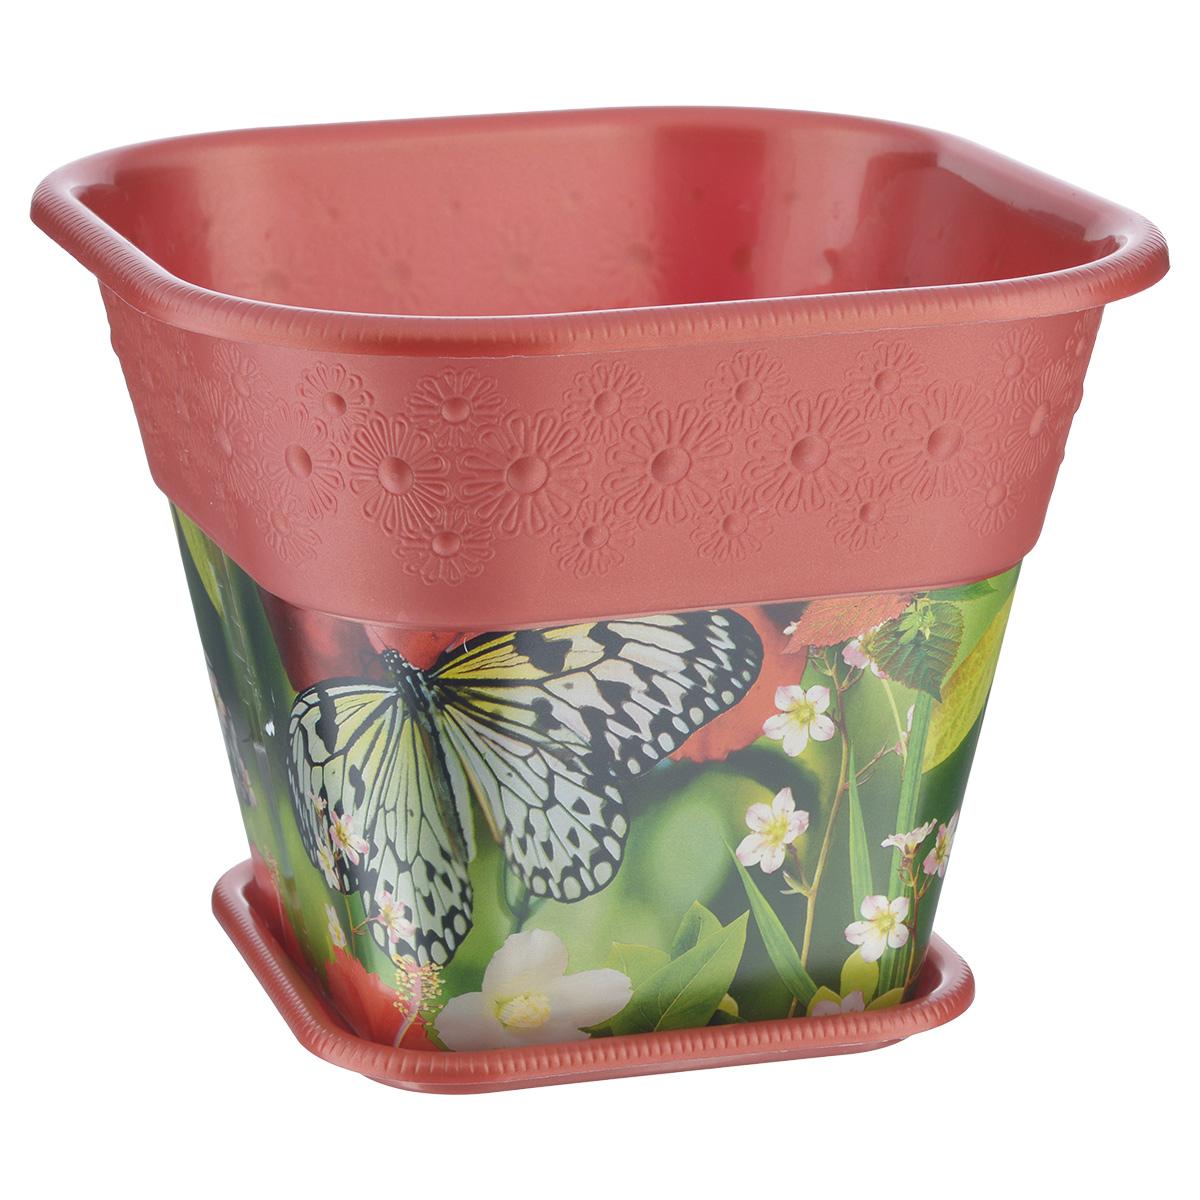 Кашпо Альтернатива Шарм, с поддоном, 4,5 лМ3684Кашпо Альтернатива Шарм изготовлено из высококачественного пластика. Изделие оформлено красочным изображением цветов и бабочек, а также рельефом в виде ромашек. Специальный поддон предназначен для стока воды. Изделие прекрасно подходит для выращивания растений и цветов в домашних условиях. Стильный яркий дизайн сделает такое кашпо отличным дополнением интерьера. Объем кашпо: 4,5 л. Размер кашпо (по верхнему краю): 23 см х 23 см. Высота кашпо: 18 см. Размер поддона: 15,5 см х 15,5 см х 1,2 см.